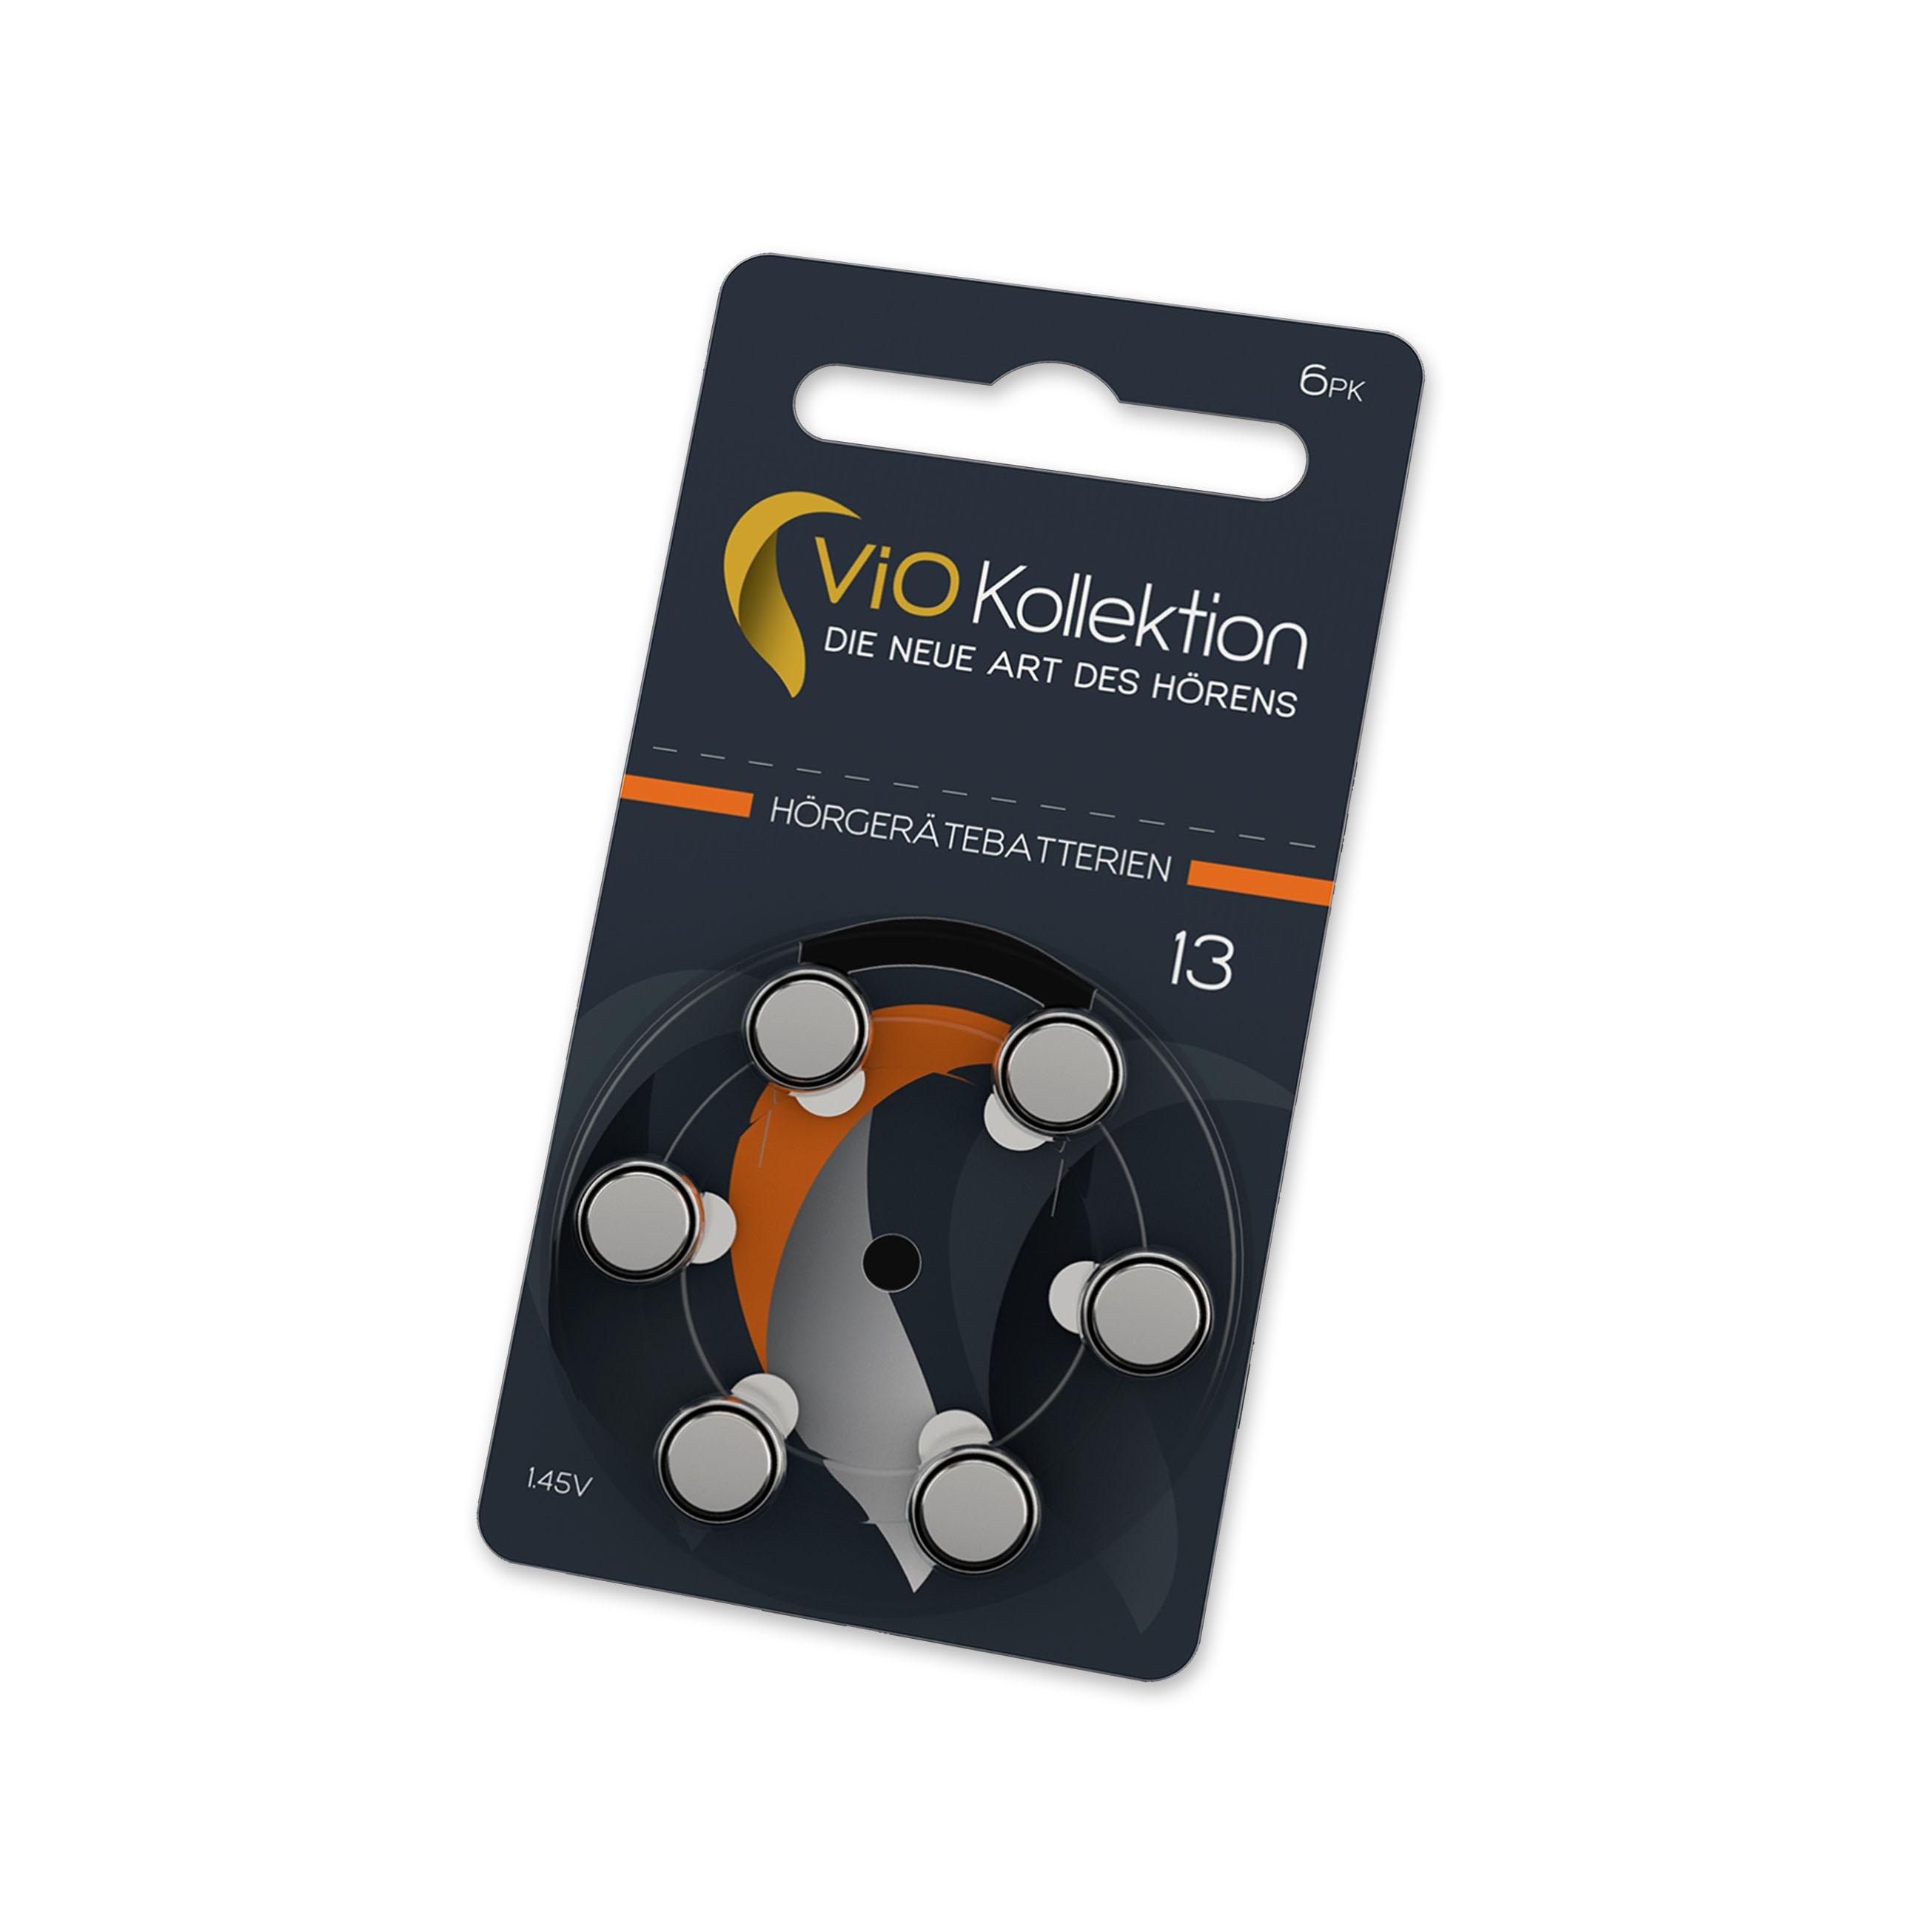 Hörgeräte Batterie ZL13